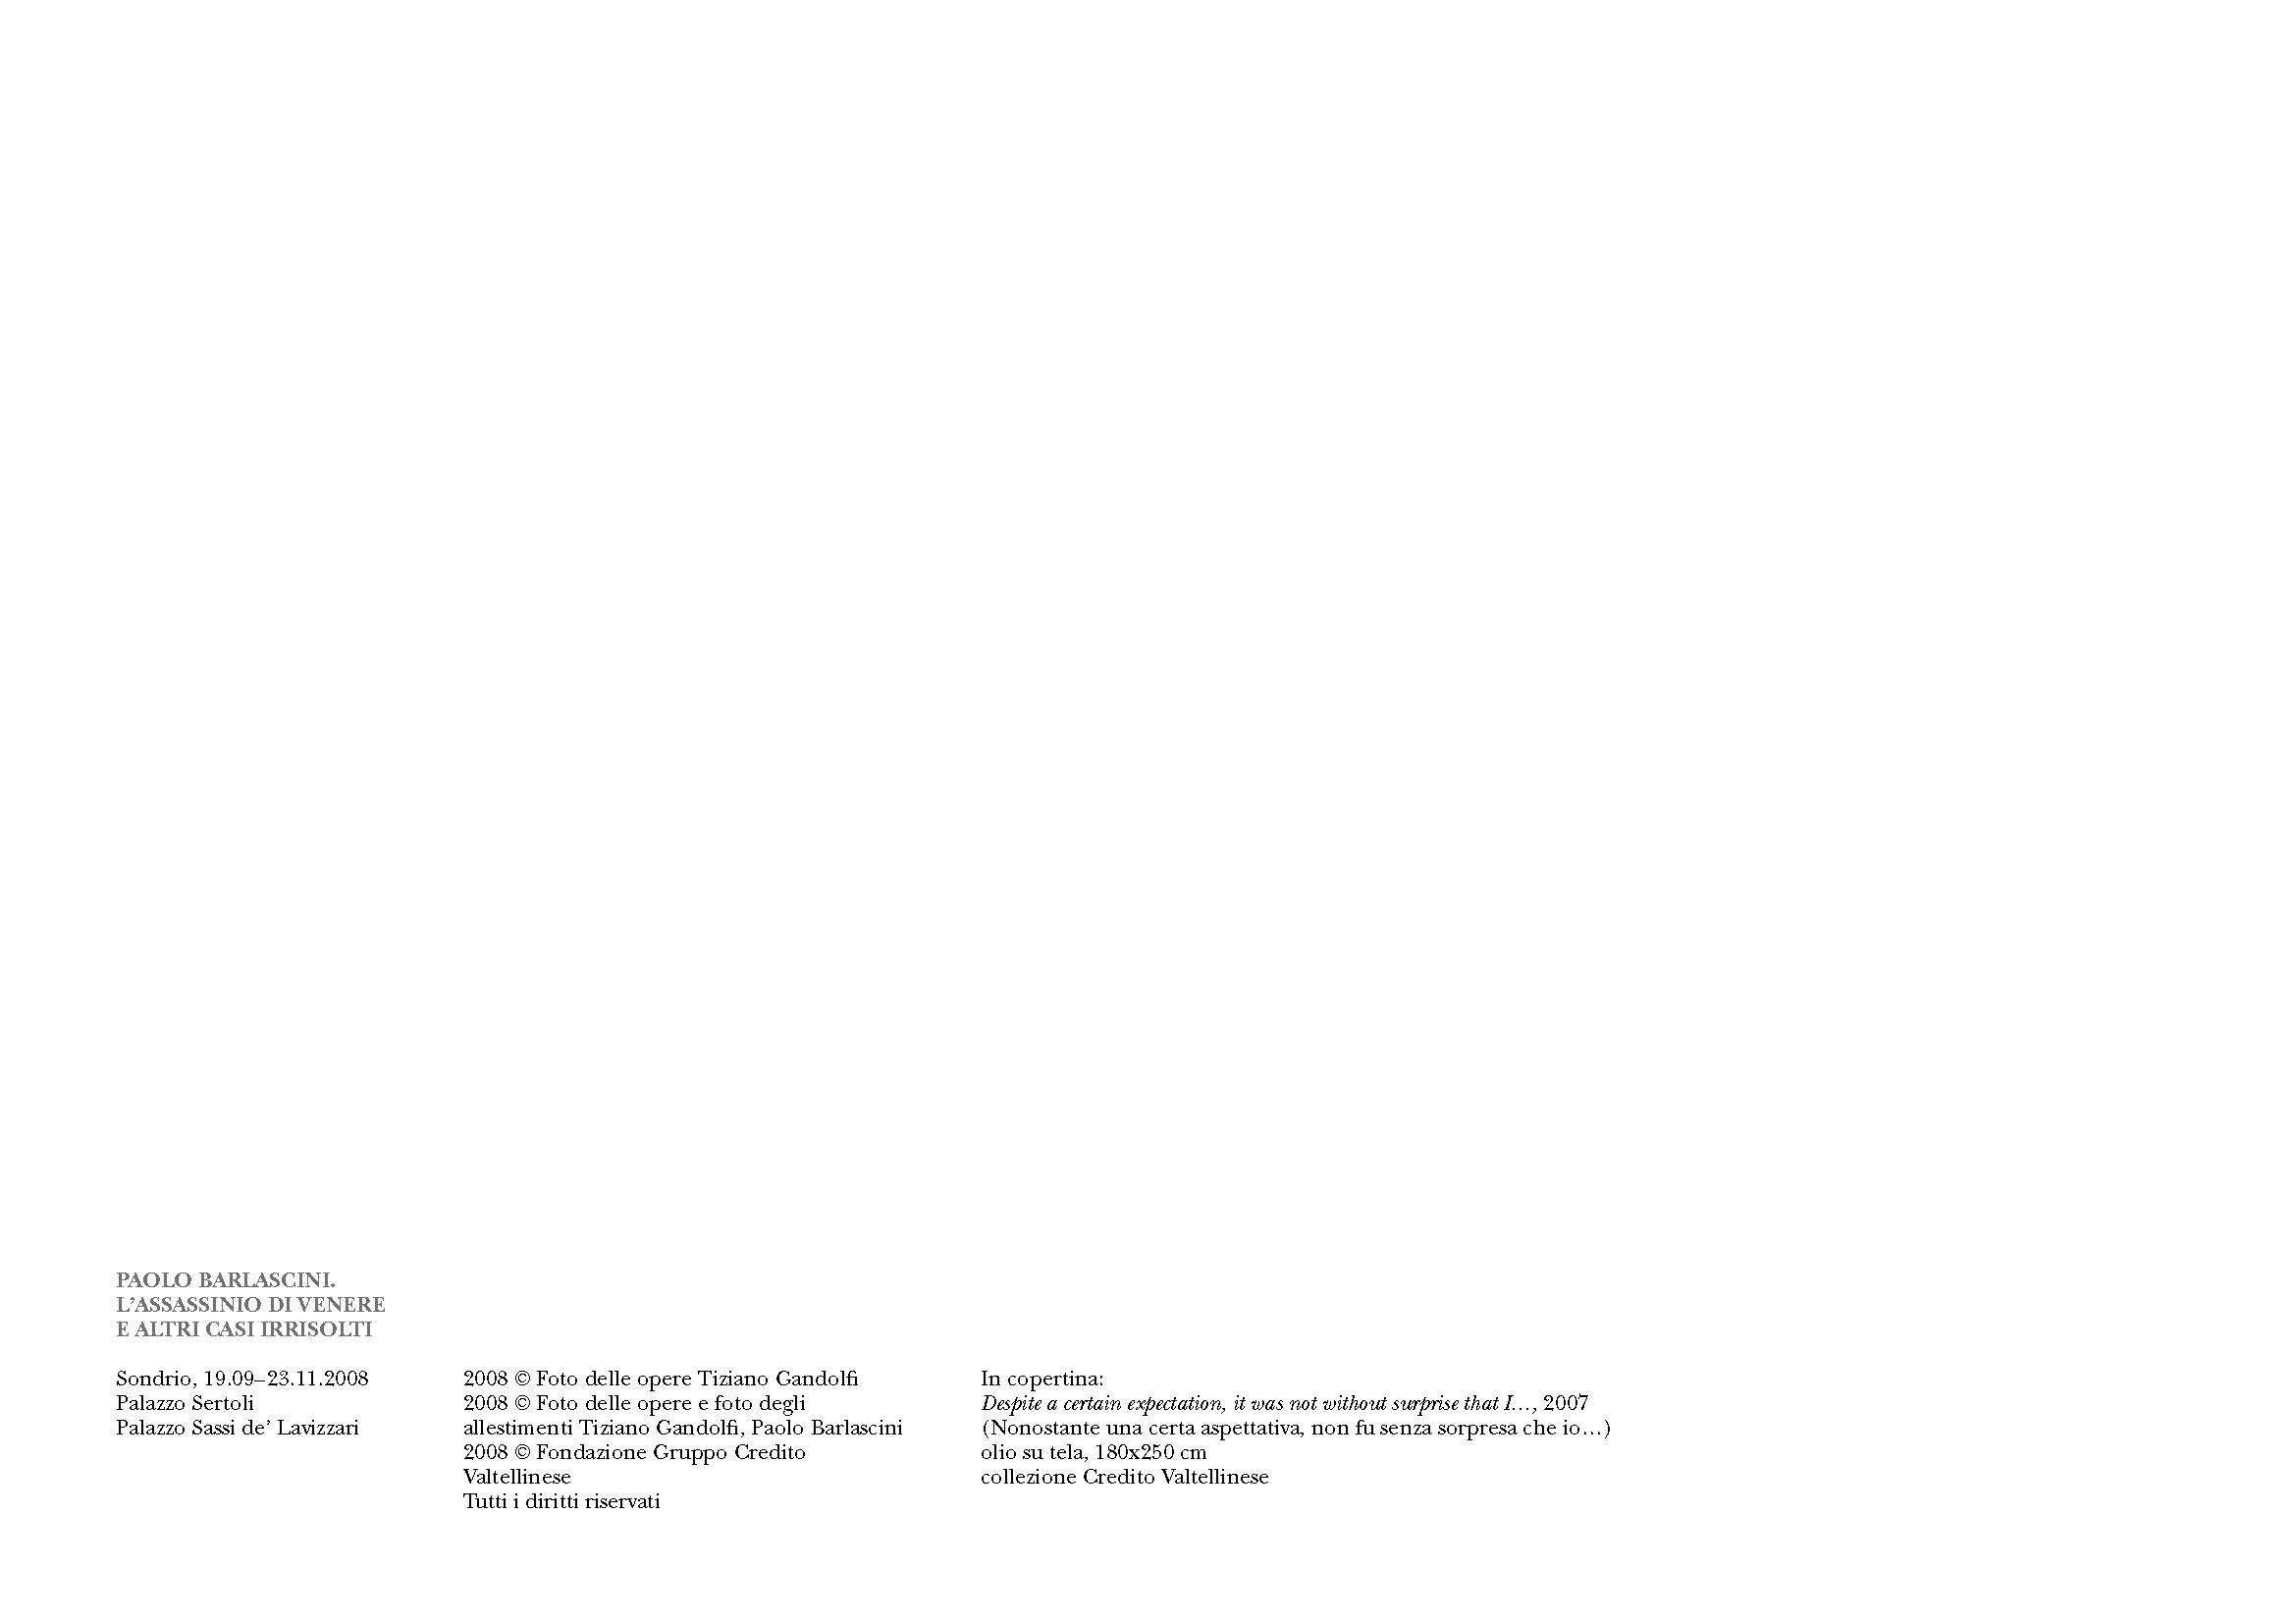 PB08-Assassinio_Page_06.jpg